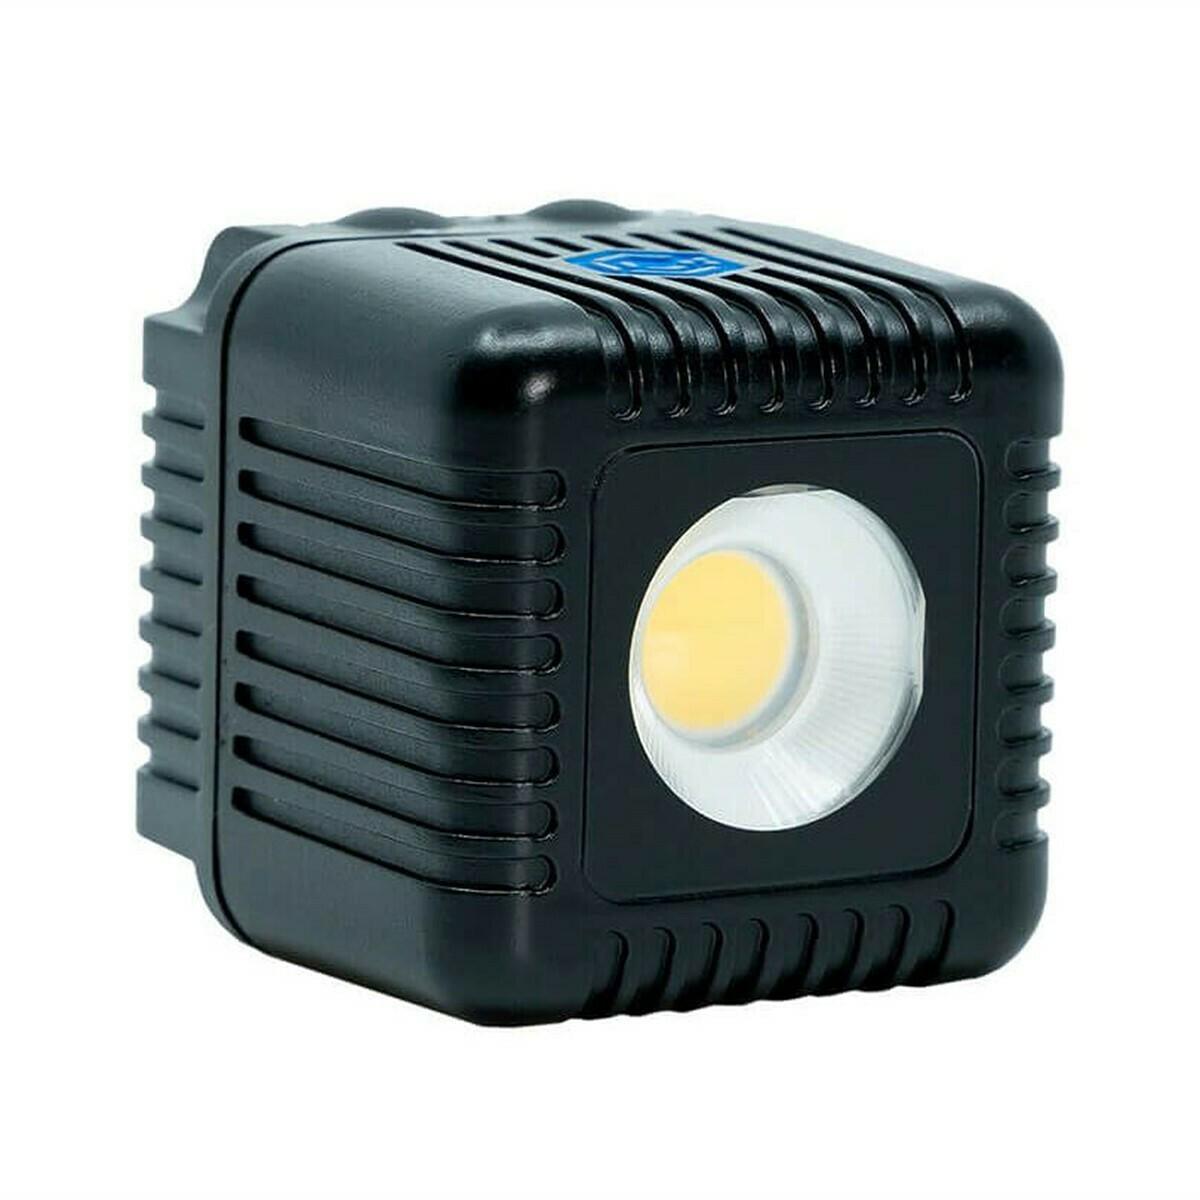 LumeCube 2.0 Pro Kit